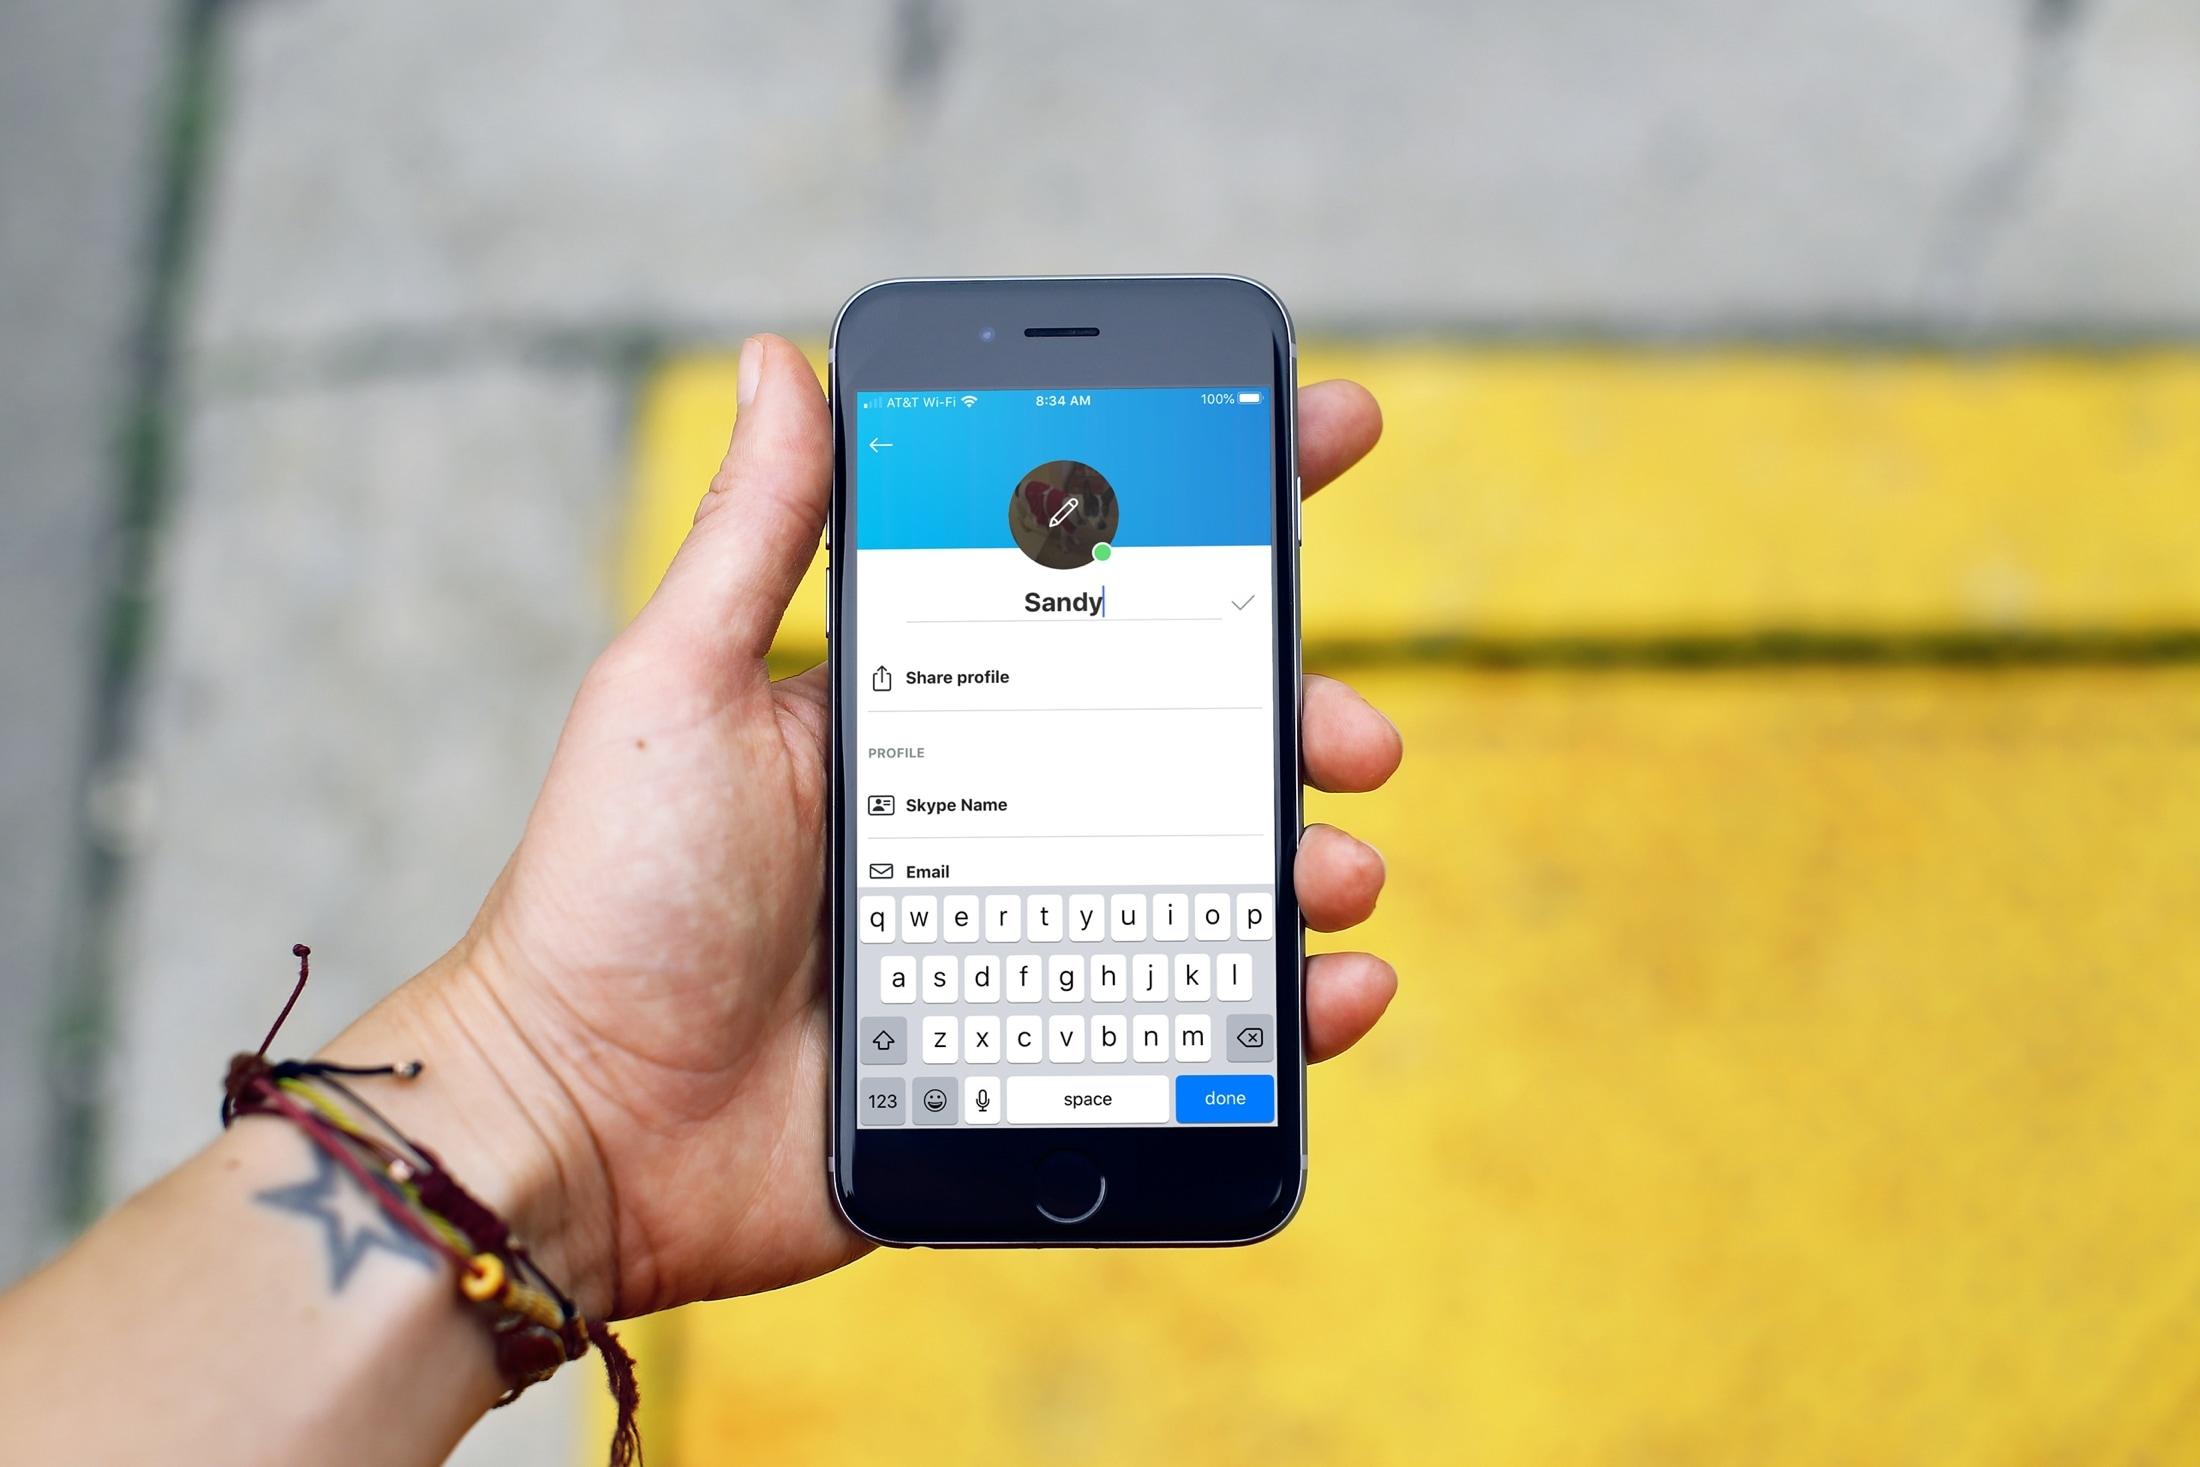 Change your Skype name